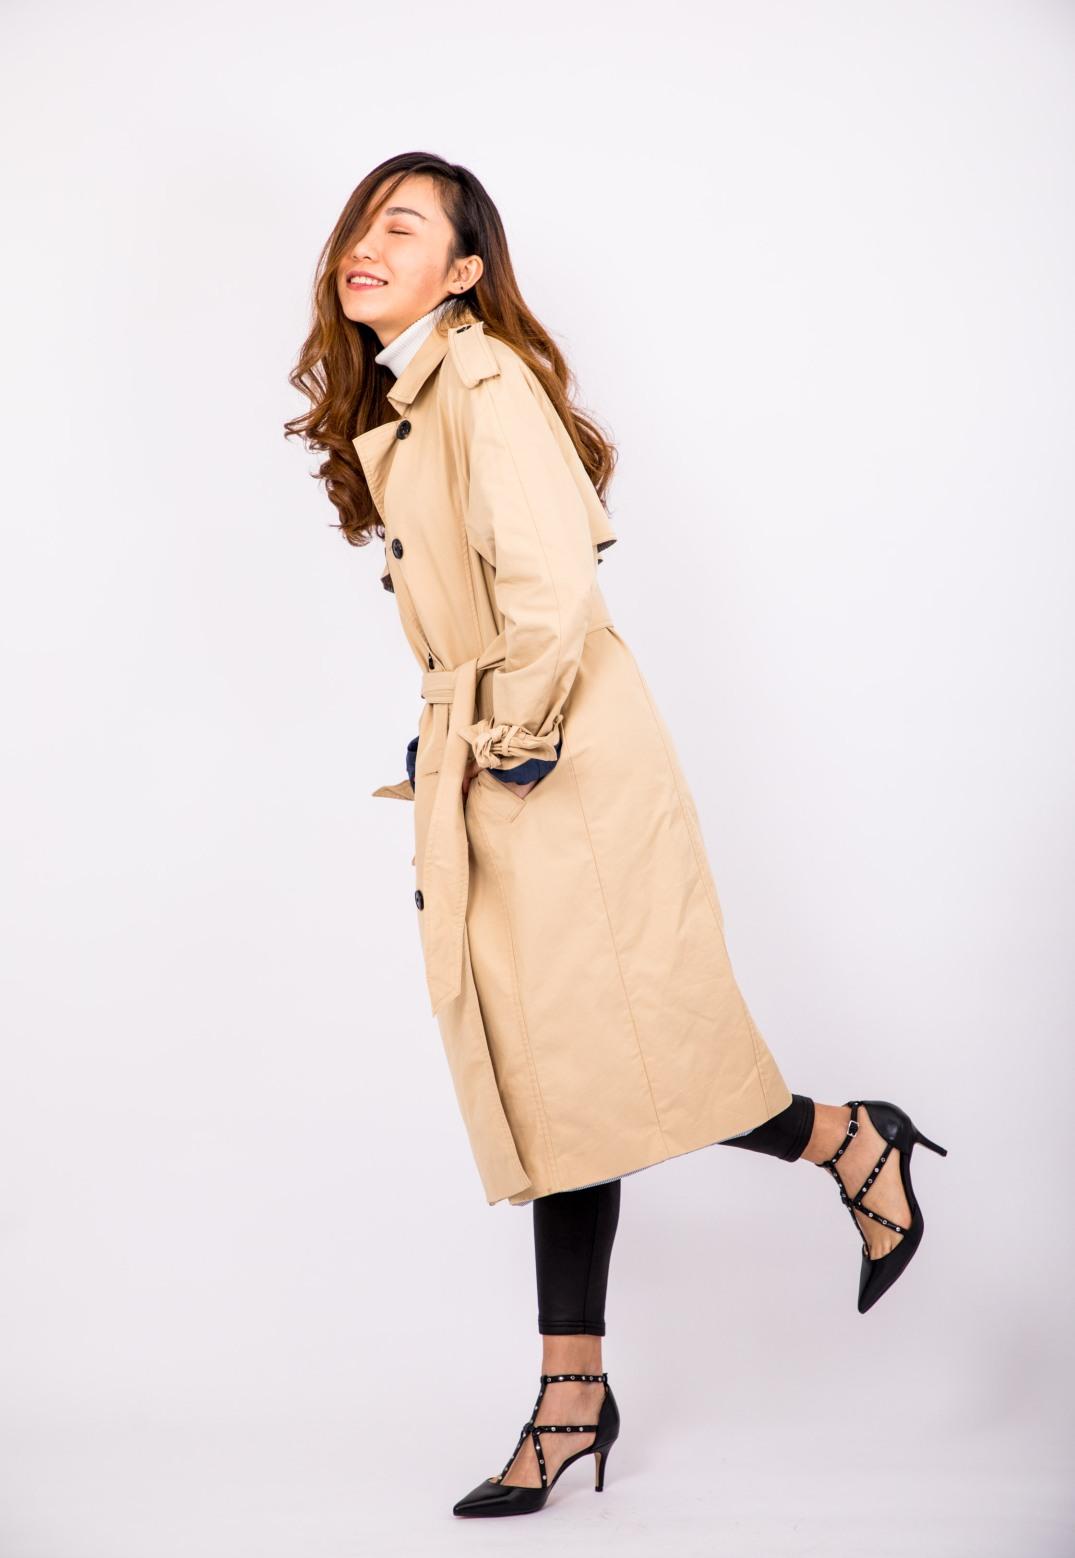 時裝服裝攝影 fashion Photography paulstylist_Zifonia-23